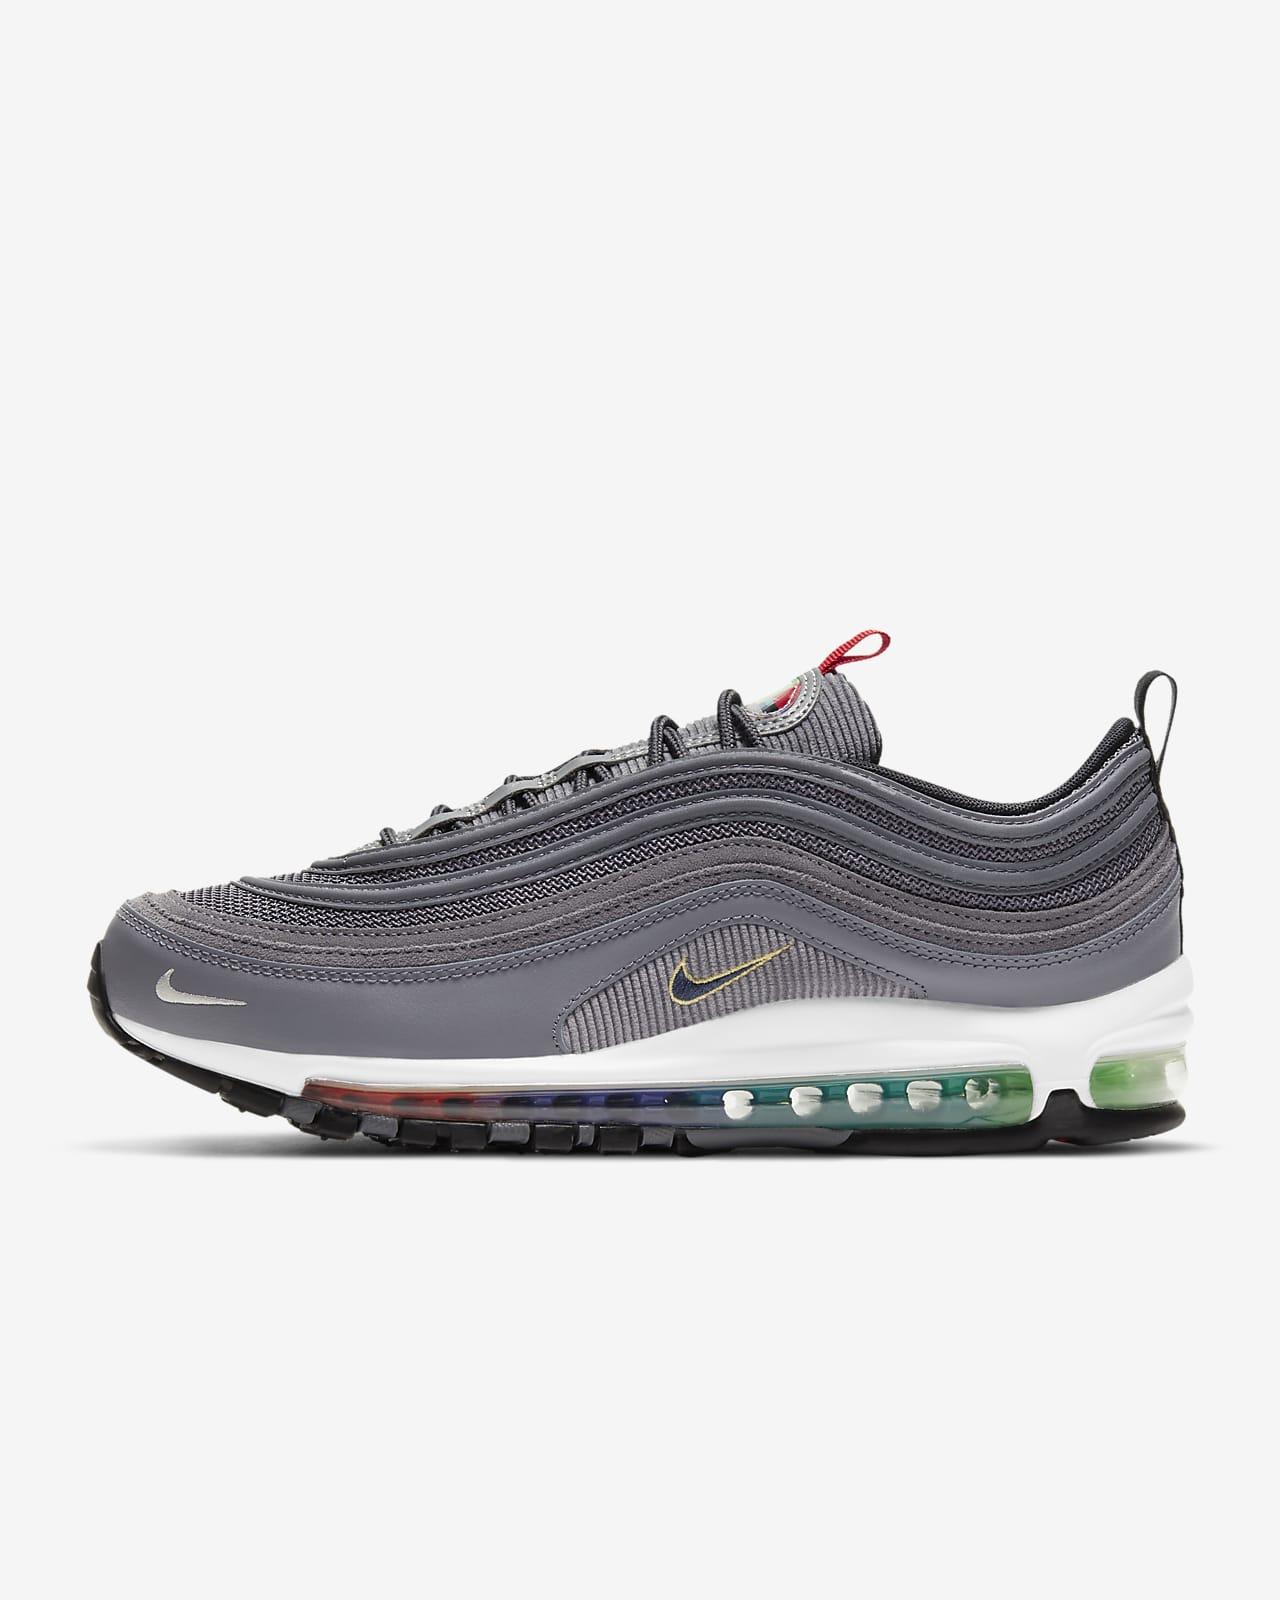 รองเท้าผู้ชาย Nike Air Max 97 EOI